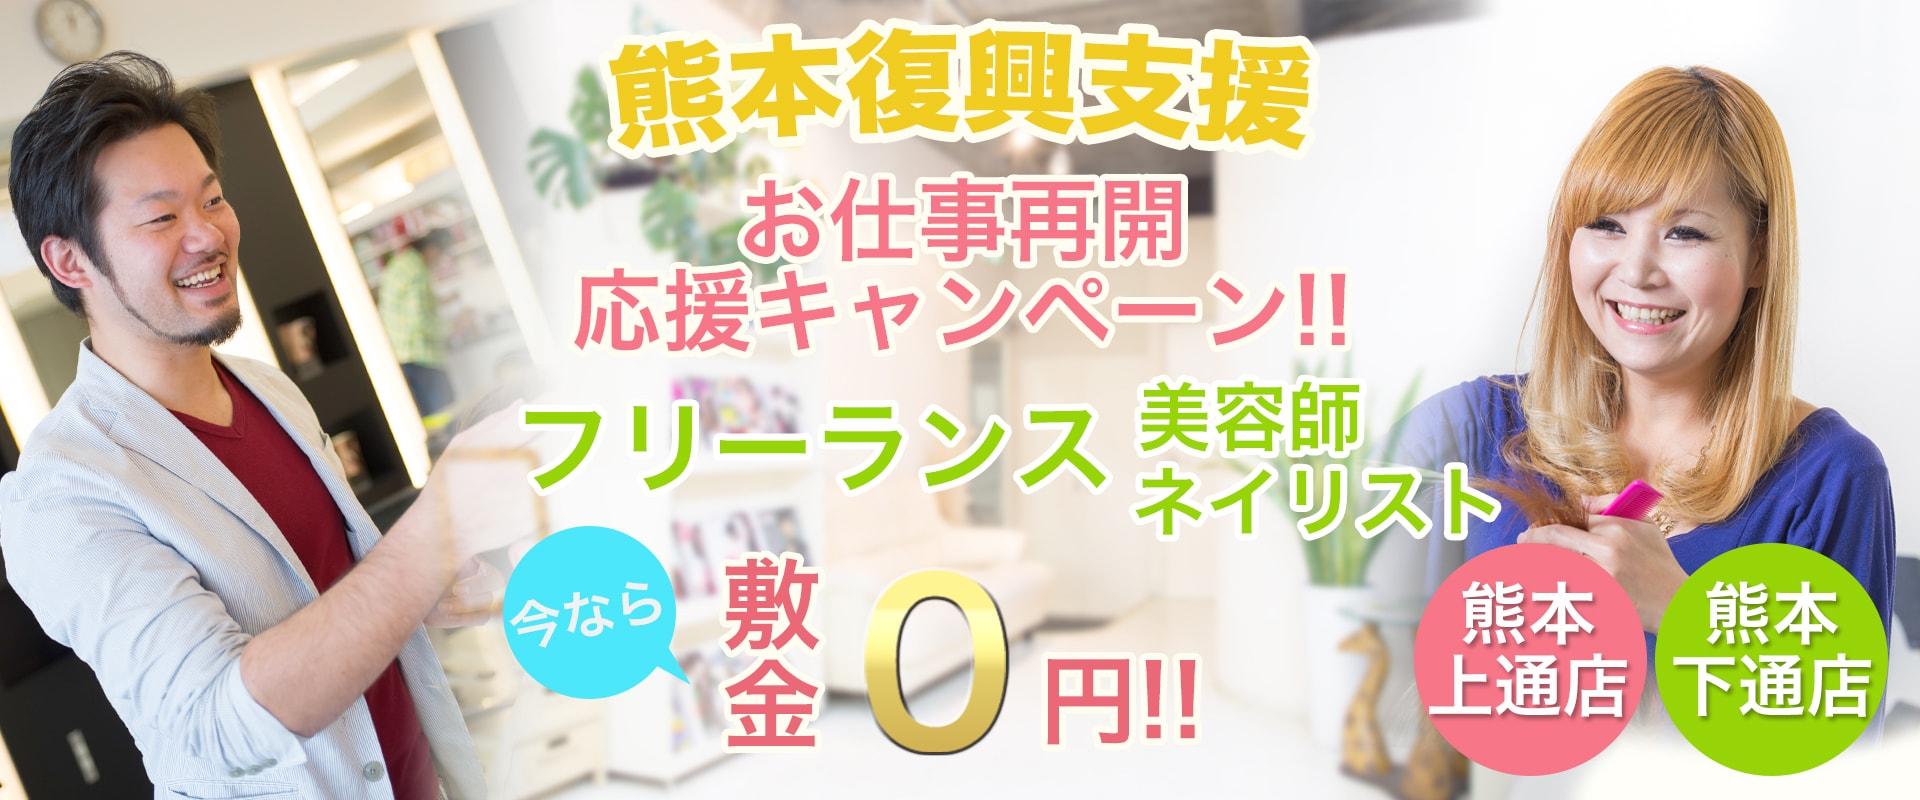 Real me熊本上通店・下通店キャンペーン情報